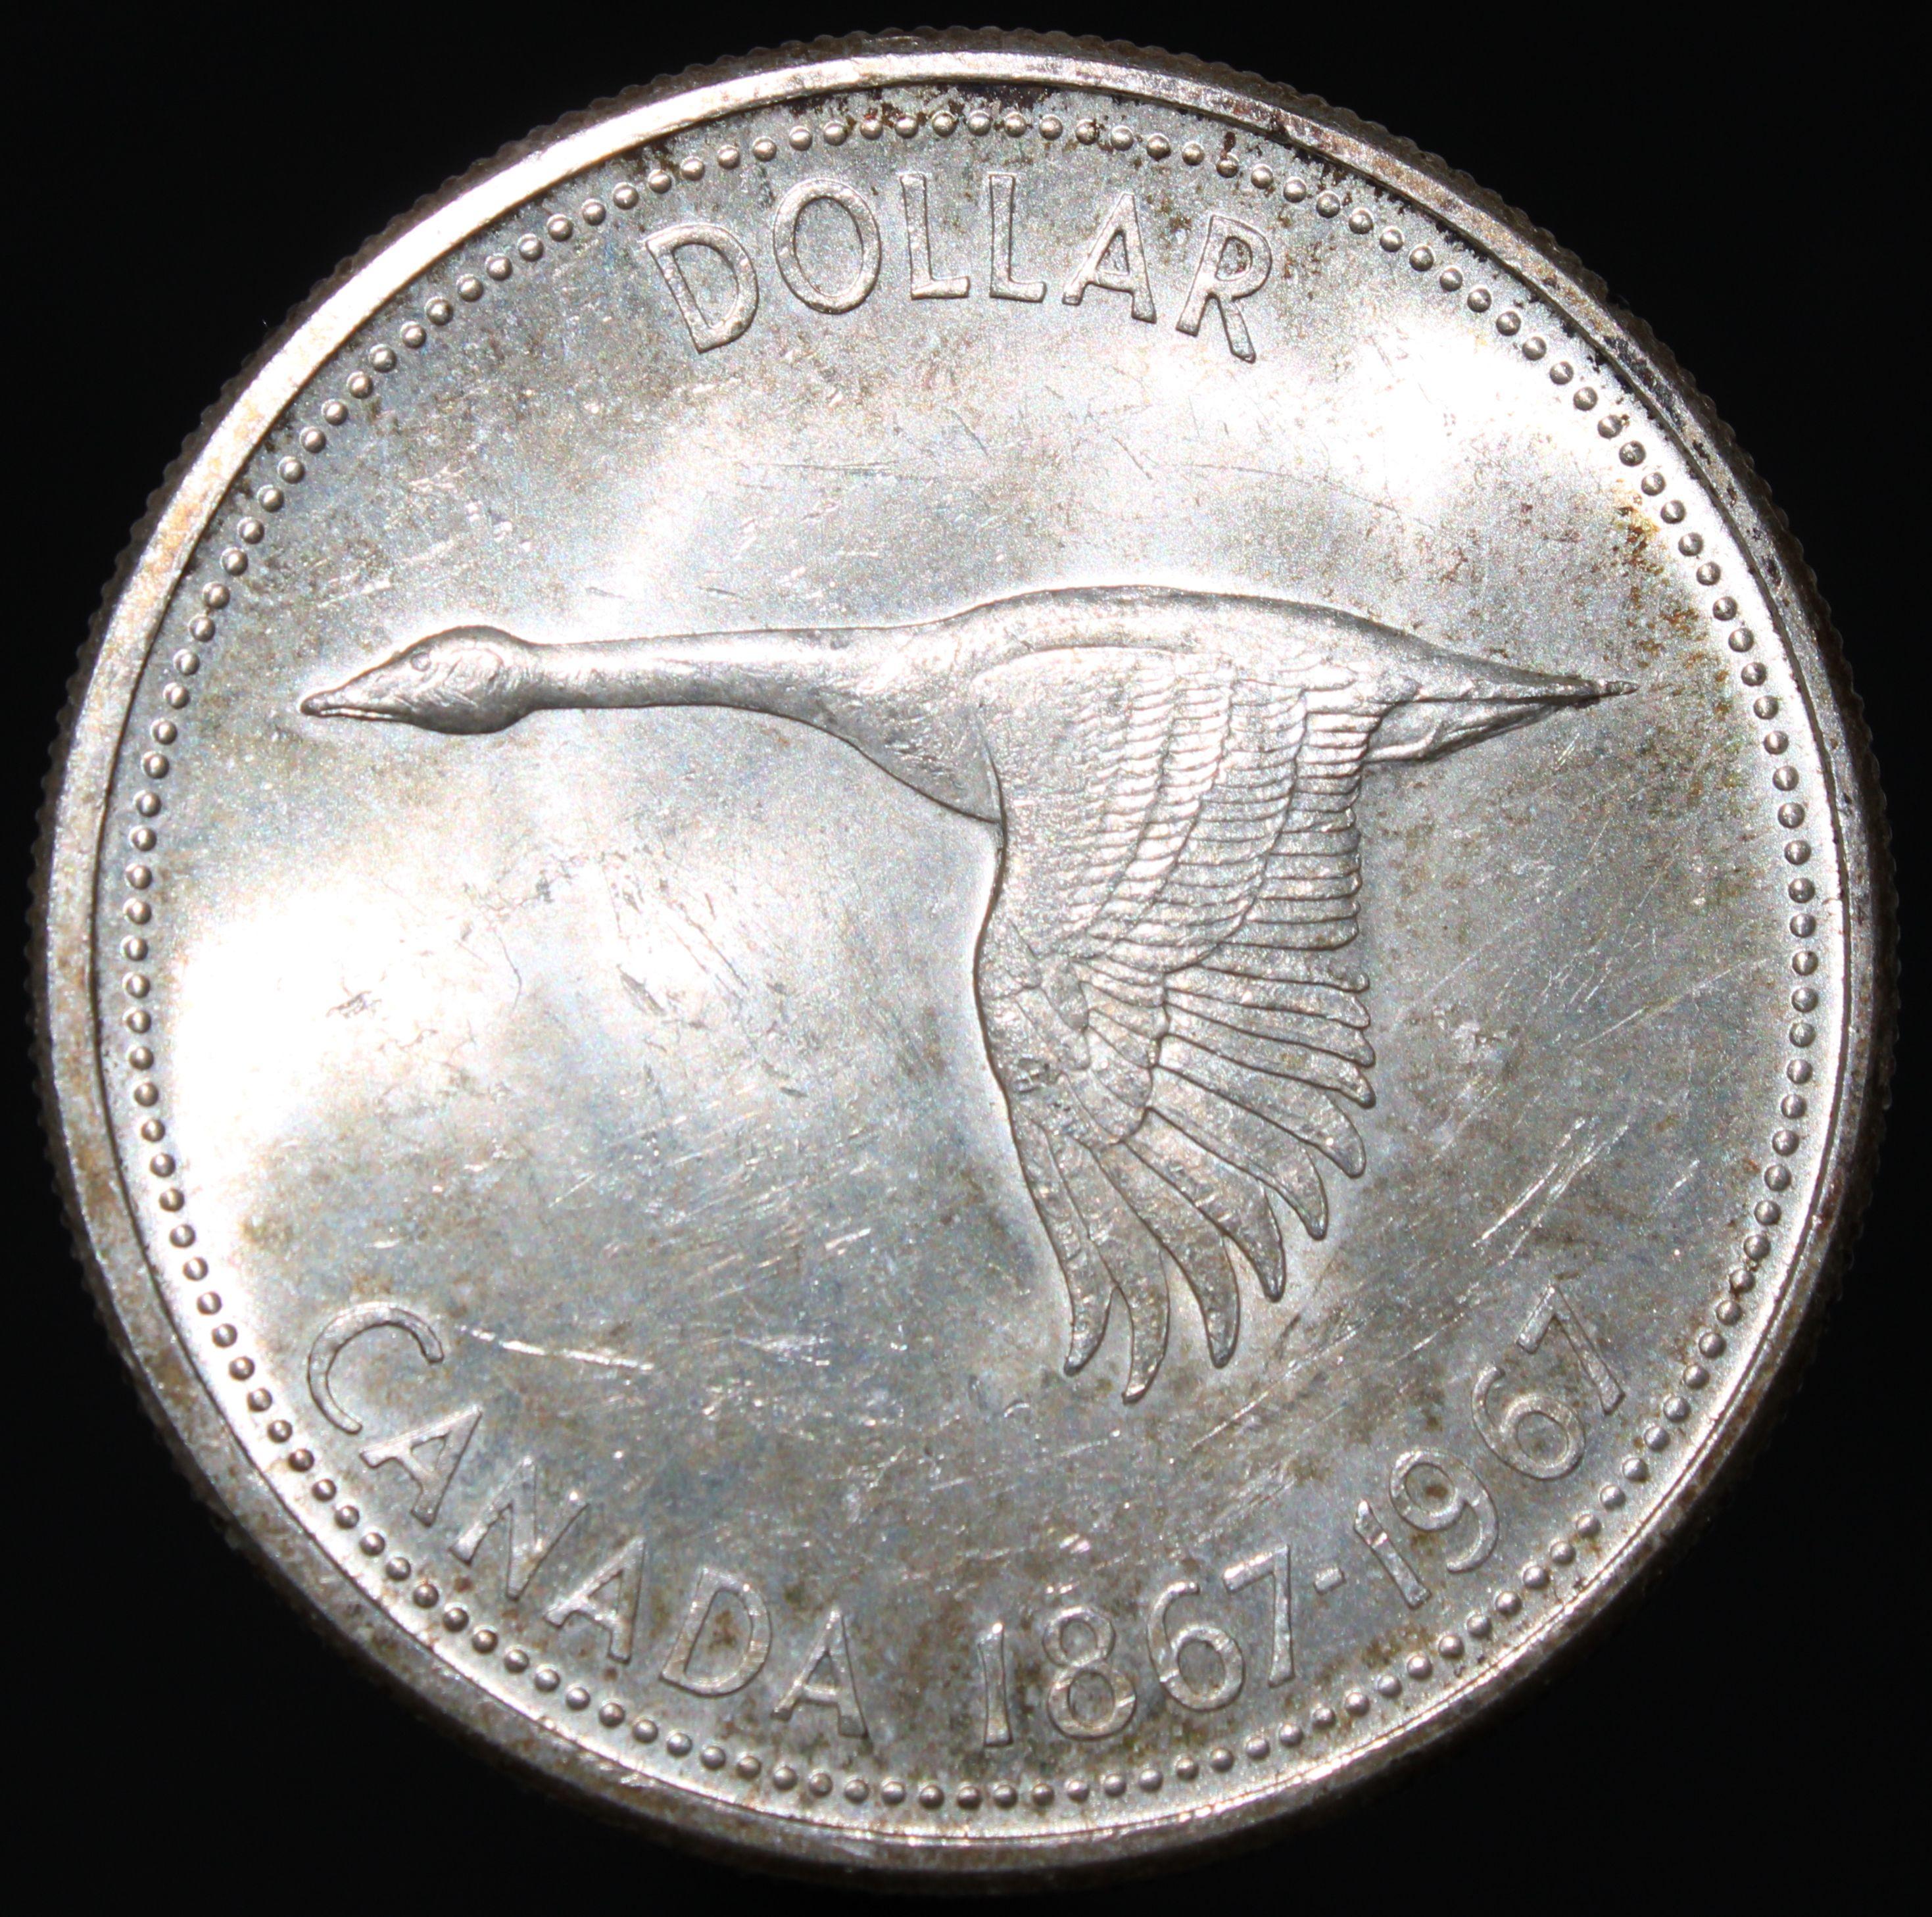 1967 Canada Dollar Silver Coins Km Coins Coins Silver Coins English Coins